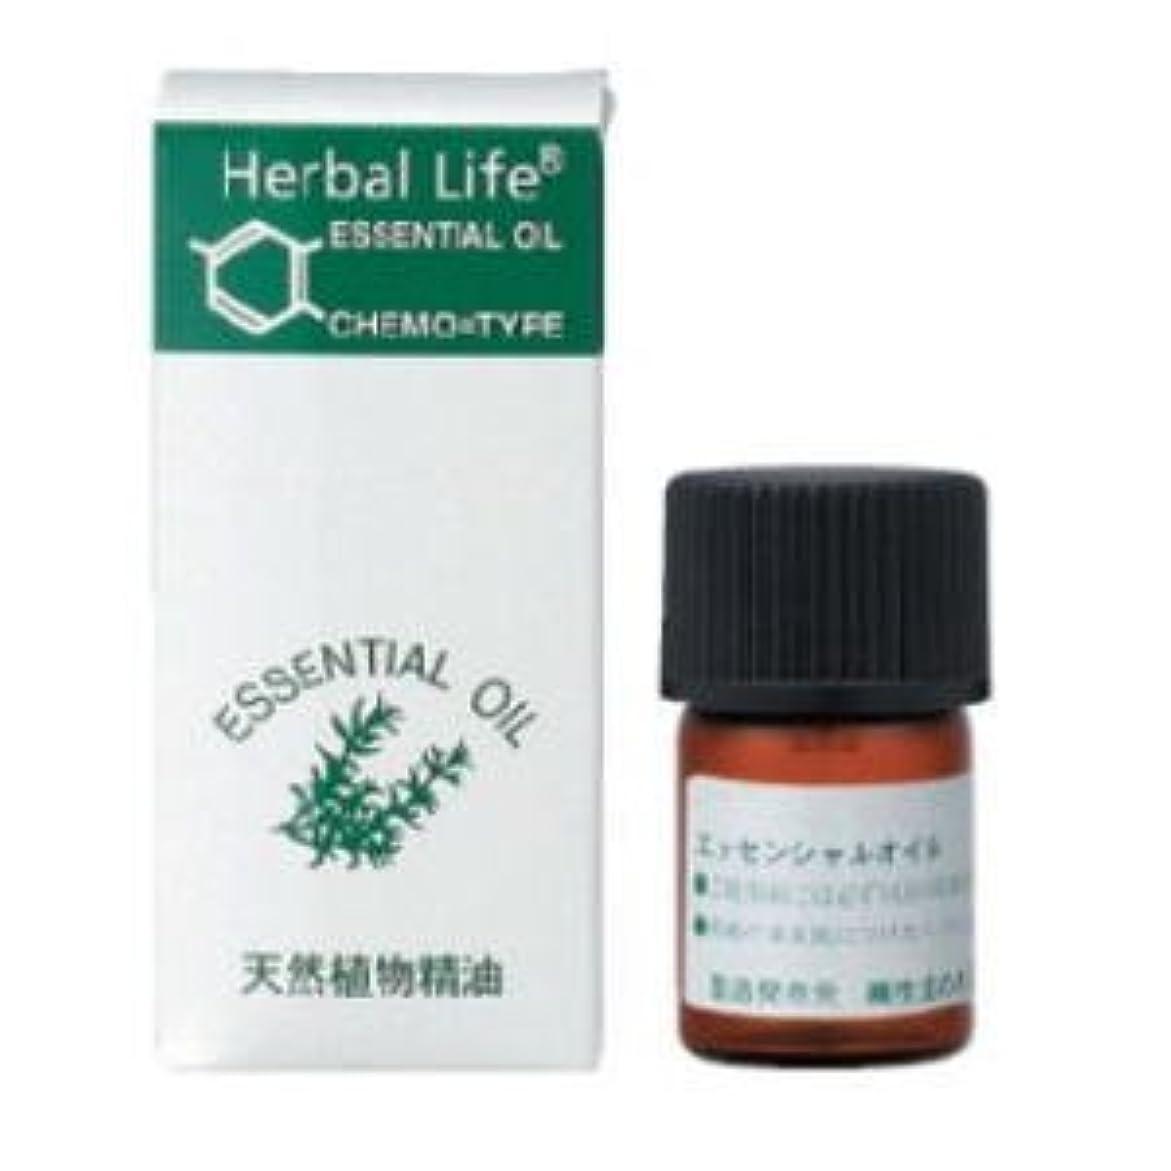 バーマド病爆発生活の木 トンカビーンズAbs.3ml エッセンシャルオイル/精油